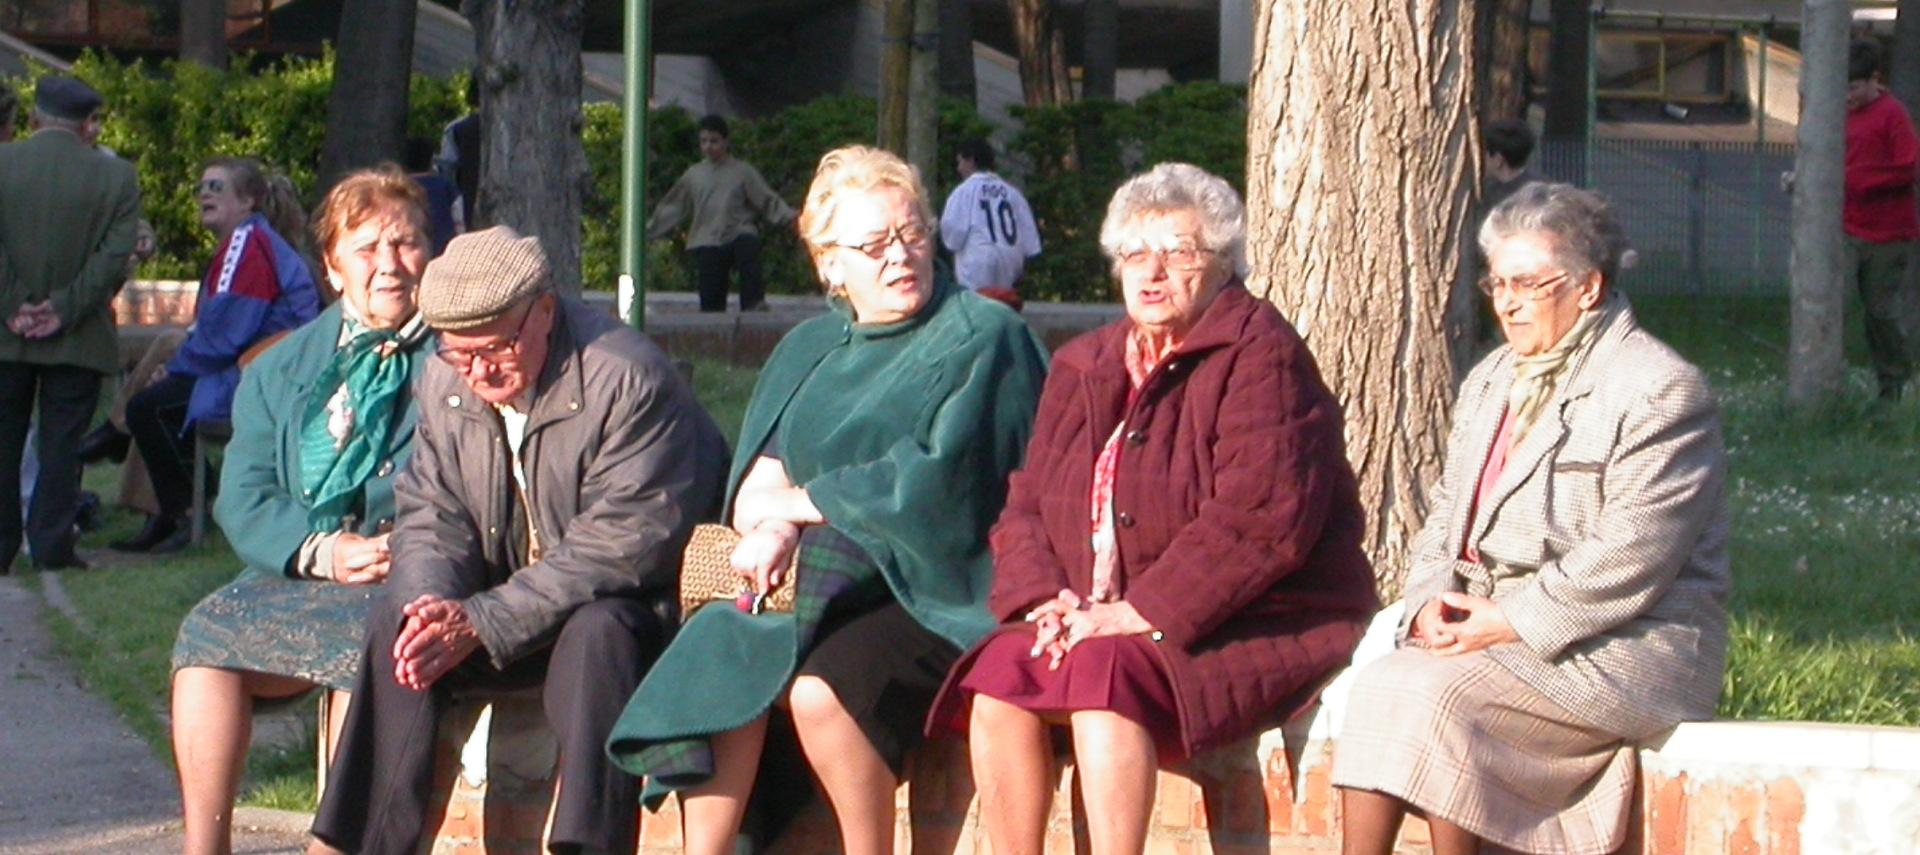 Foto: anziani seduti all'aperto. Archivio Città metropolitana di Bologna